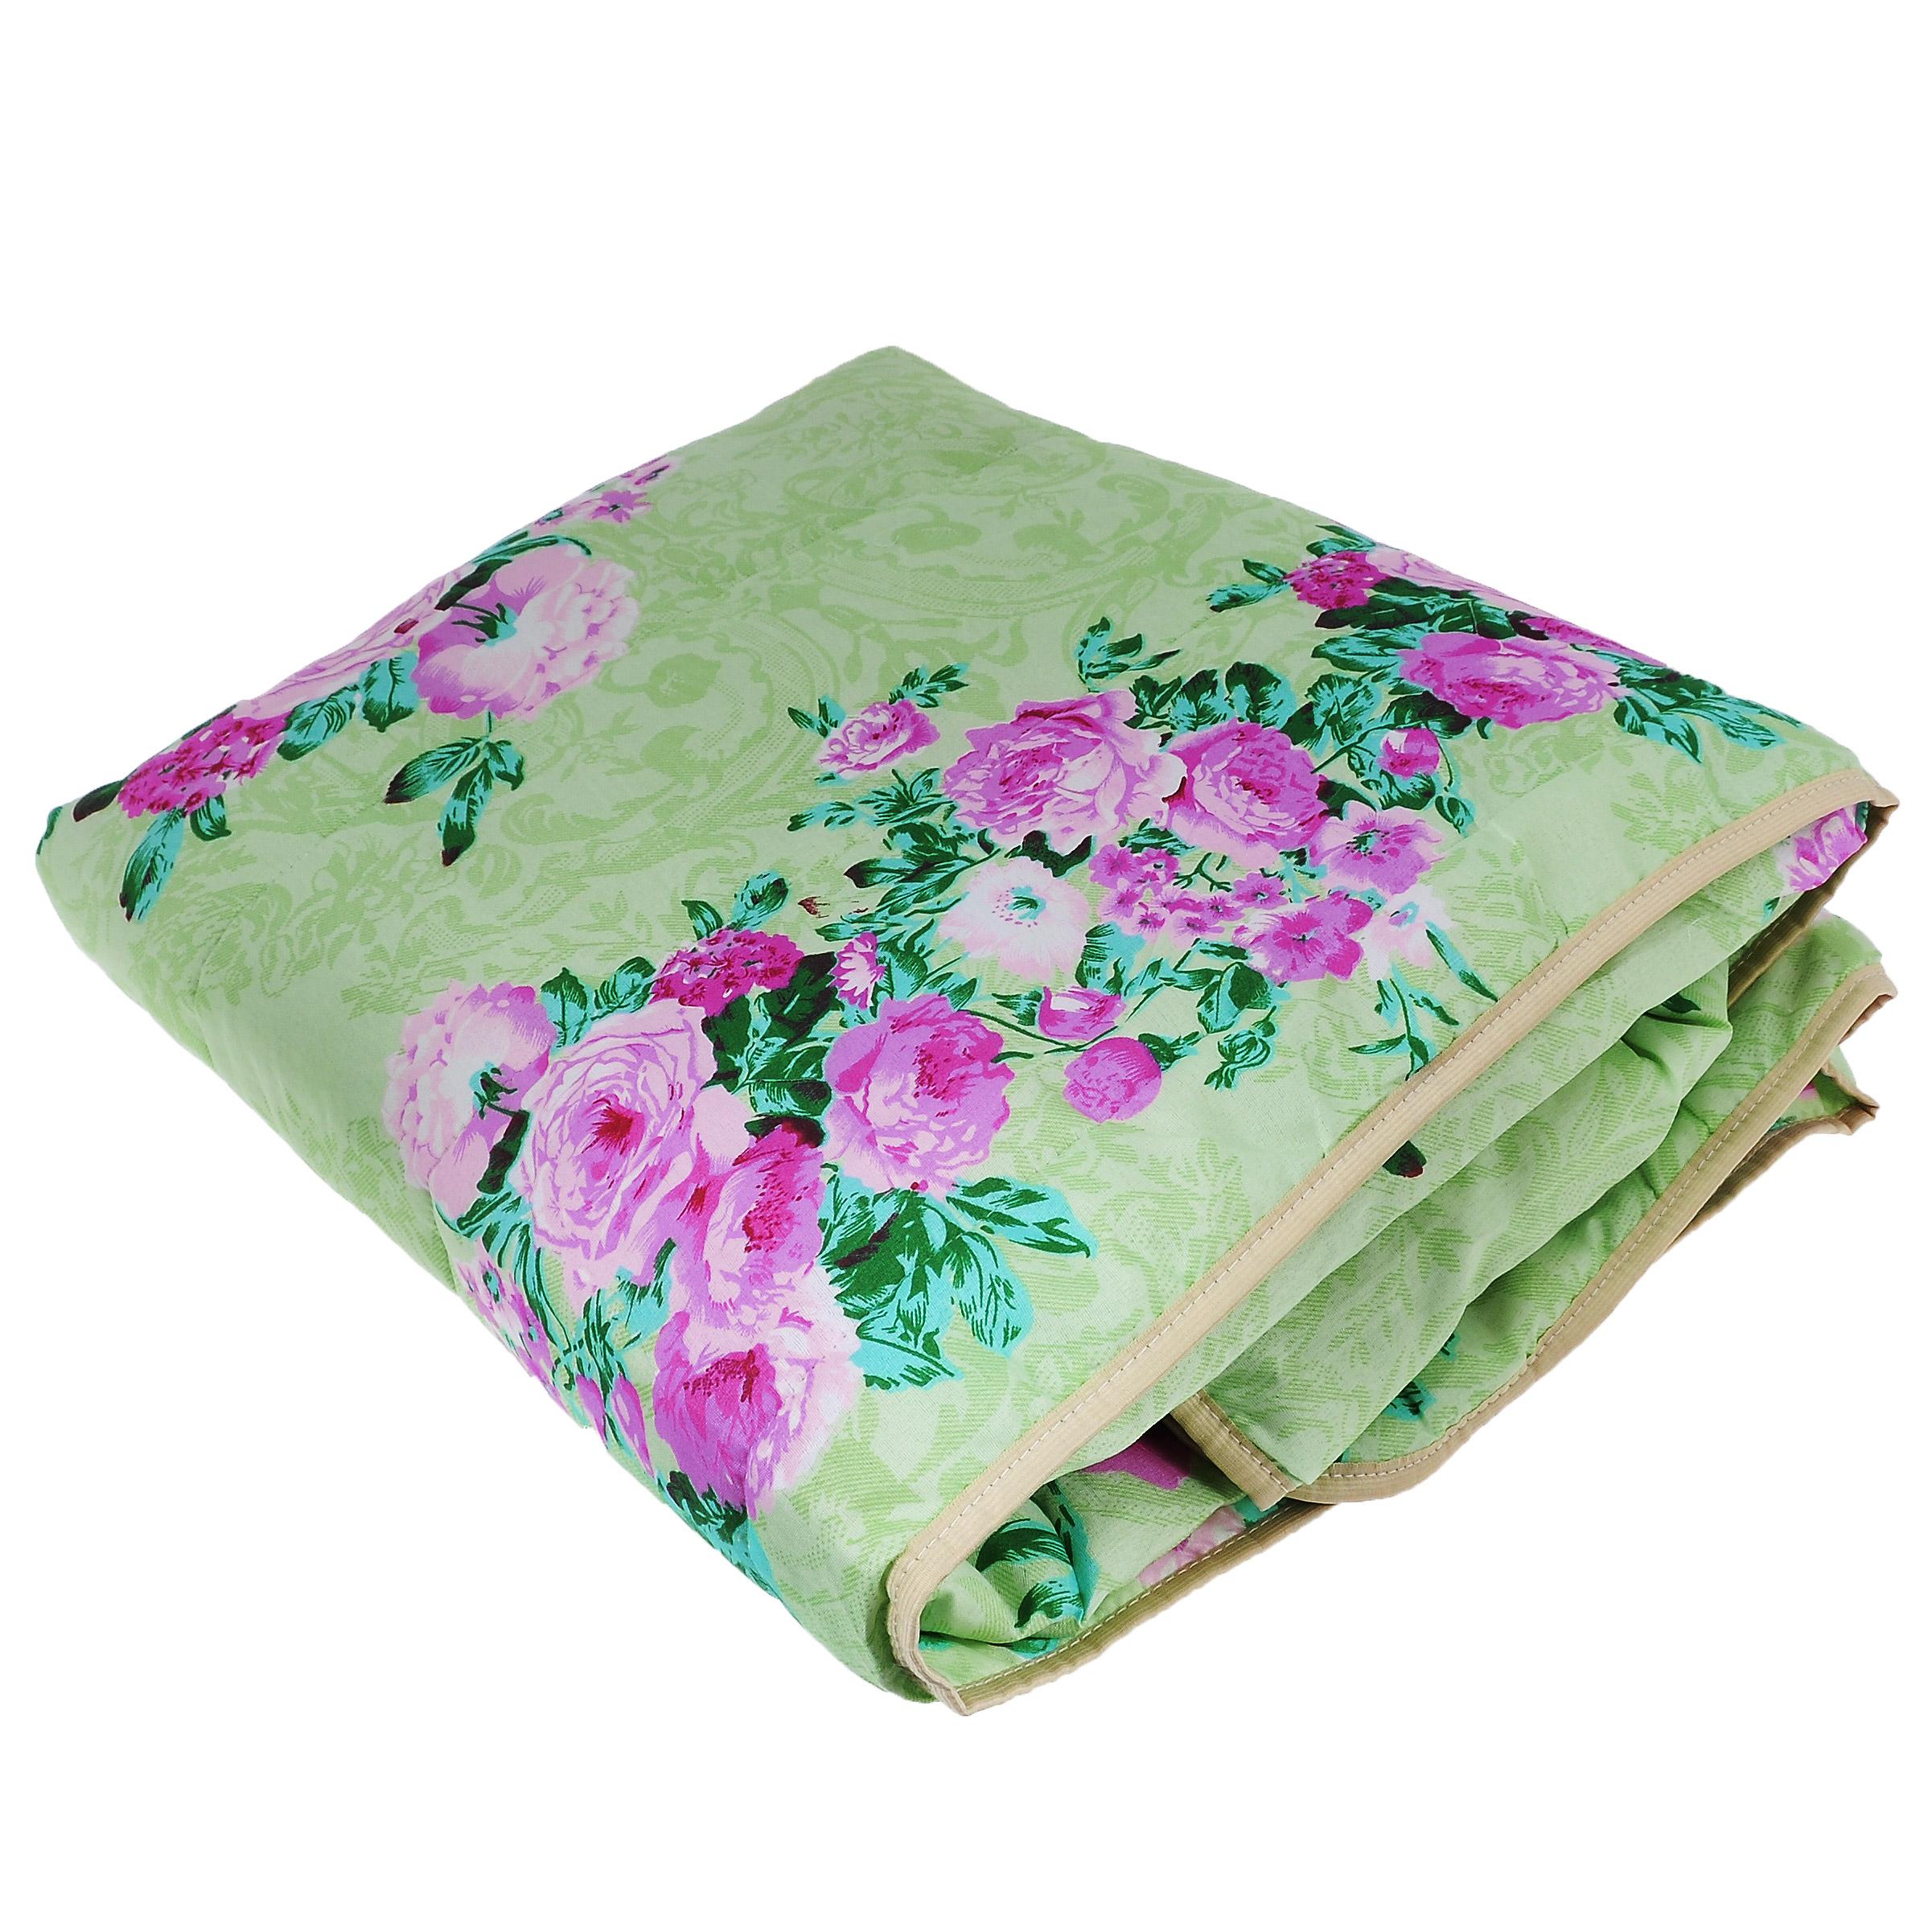 Одеяло летнее OL-Tex Miotex, наполнитель: полиэфирное волокно Holfiteks, цвет: салатовый, розовый, 172 см х 205 смМХПЭ-18-1_салатовый, пионыЛегкое летнее одеяло OL-Tex Miotex создаст комфорт и уют во время сна. Чехол выполнен из полиэстера и оформлен красочным рисунком. Внутри - современный наполнитель из полиэфирного высокосиликонизированного волокна Holfiteks, упругий и качественный. Прекрасно держит тепло. Одеяло с наполнителем Holfiteks легкое и комфортное. Даже после многократных стирок не теряет свою форму, наполнитель не сбивается, так как одеяло простегано и окантовано. Не вызывает аллергии. Holfiteks - это возможность легко ухаживать за своими постельными принадлежностями. Можно стирать в машинке, изделия быстро и полностью высыхают - это обеспечивает гигиену спального места при невысокой цене на продукцию.Плотность: 100 г/м2.